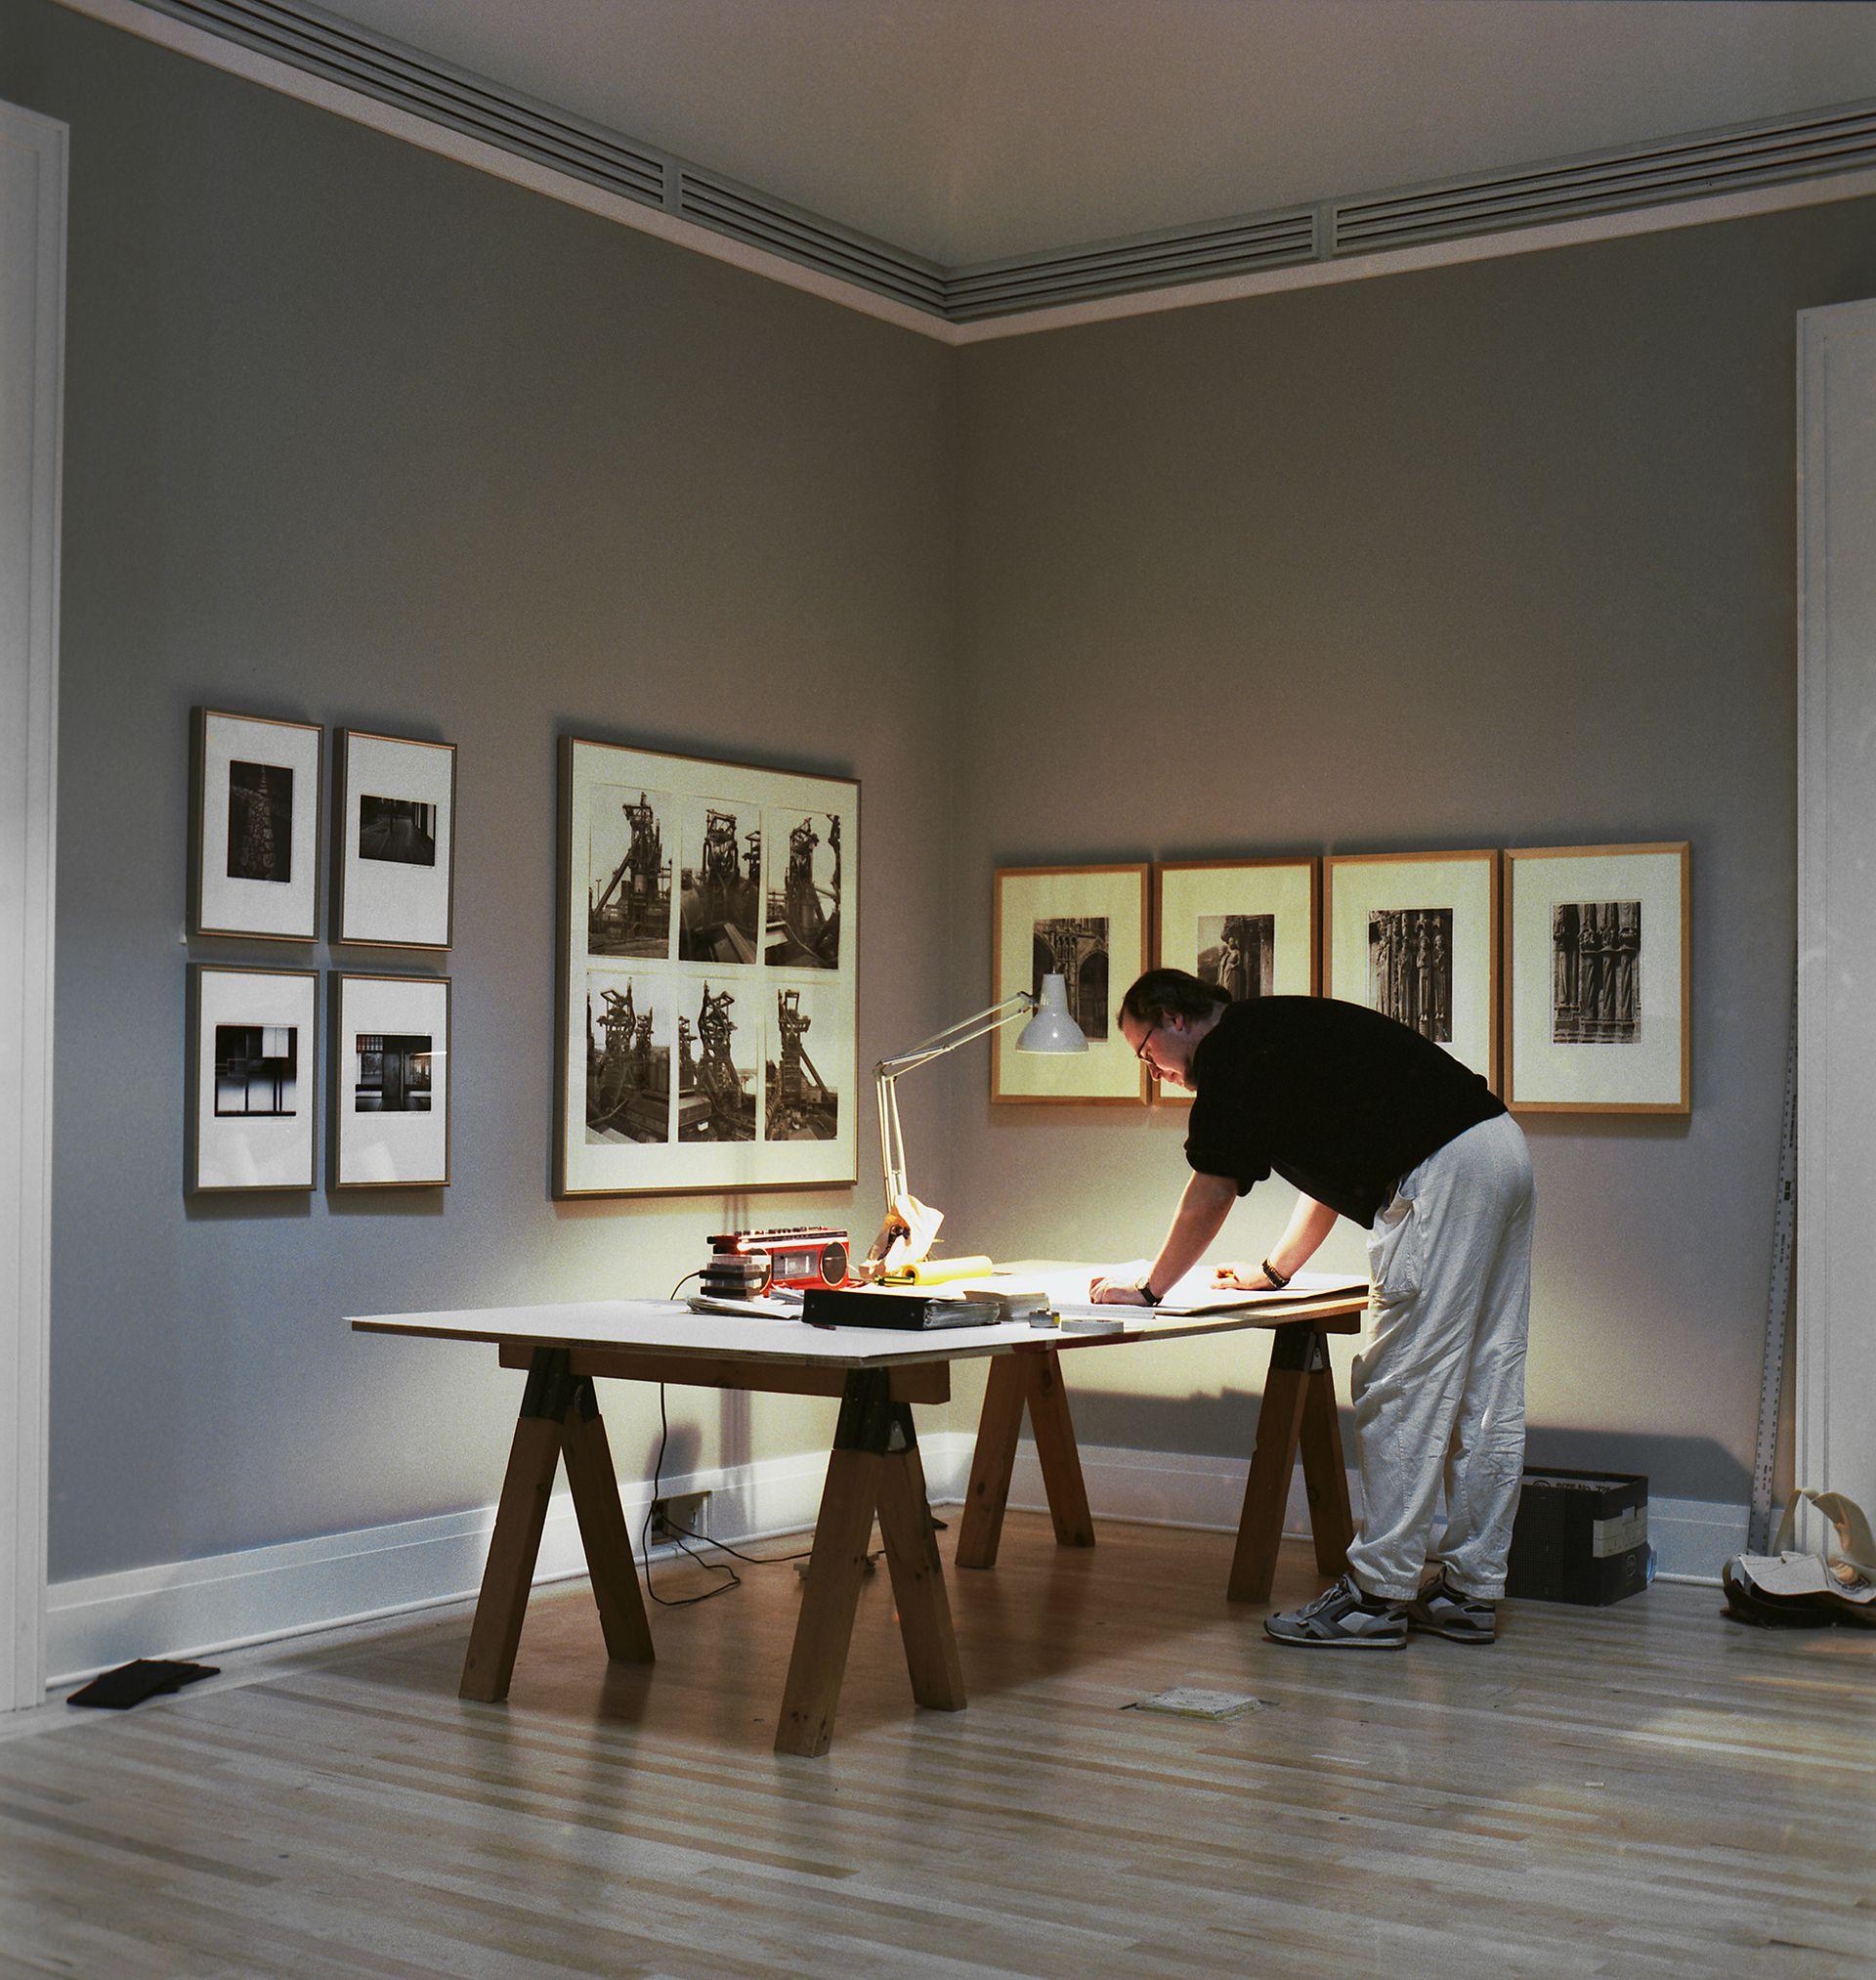 L architecture et son image quatre si cles de for Architecture et son